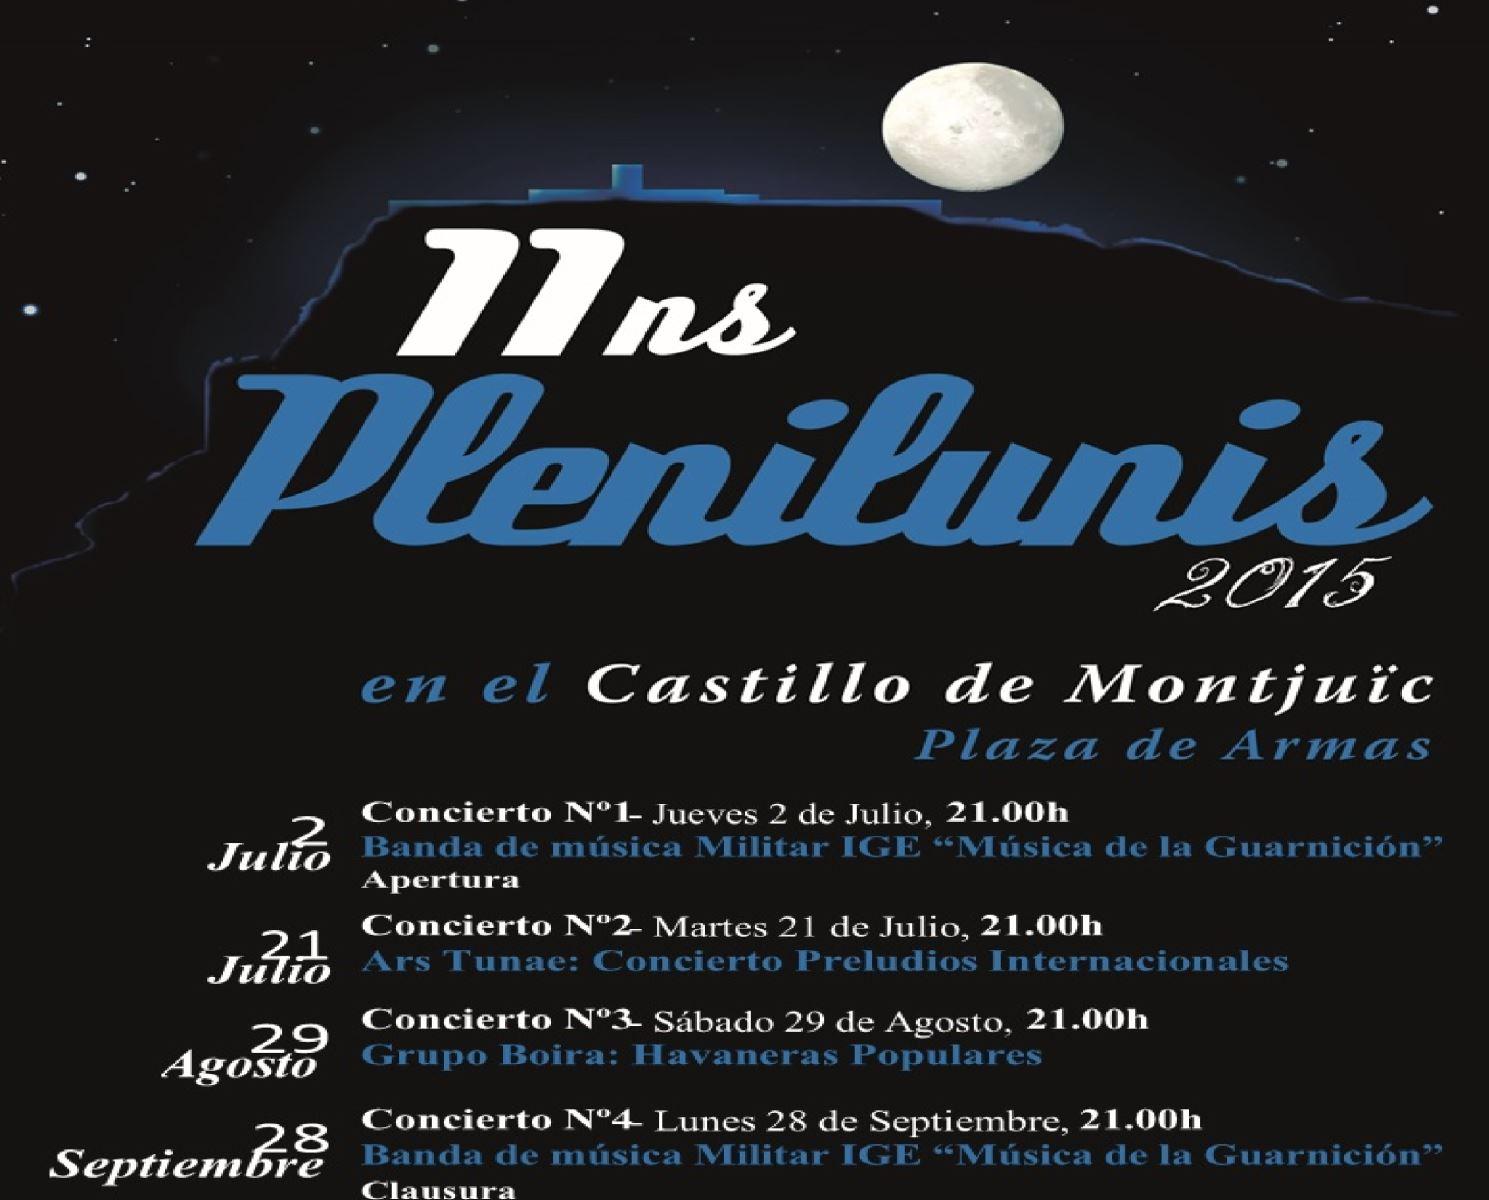 El dia 29 d'agost participarem als 11ns Plenilunis del Castell de Montjuïch,  Barcelona